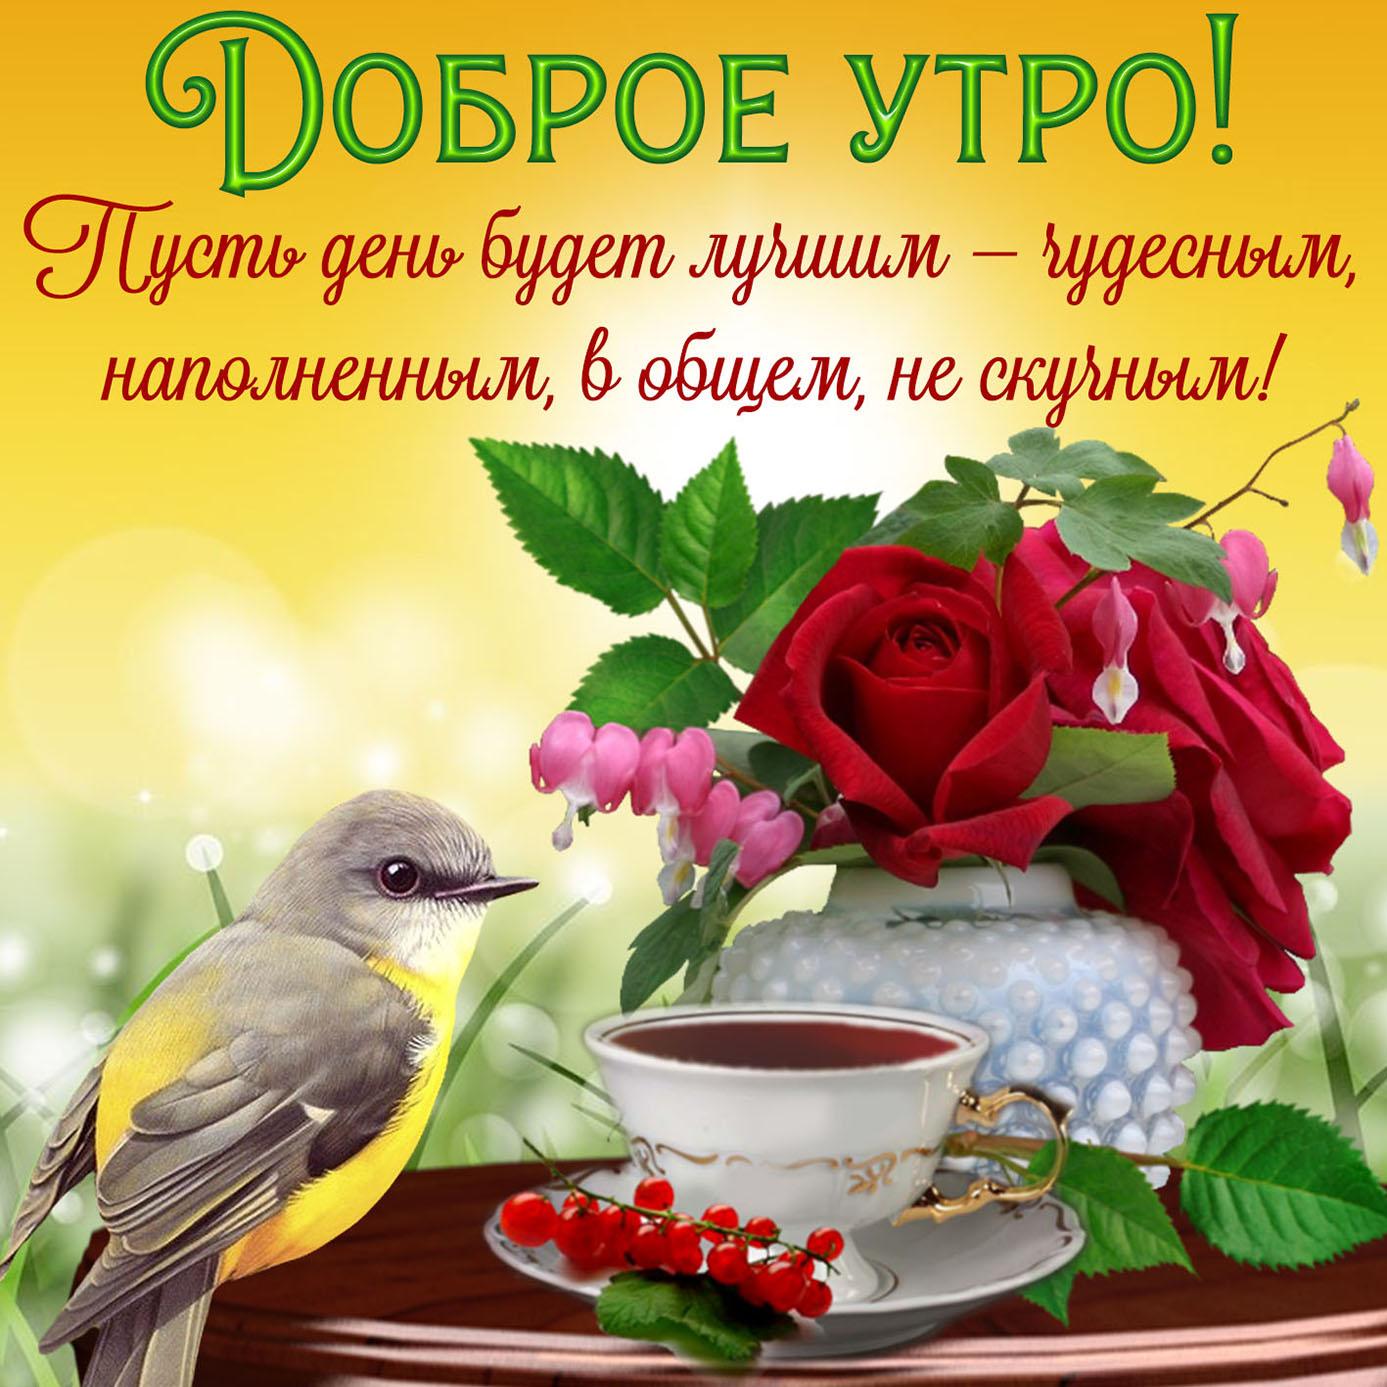 Открытка на доброе утро с птичкой и розами